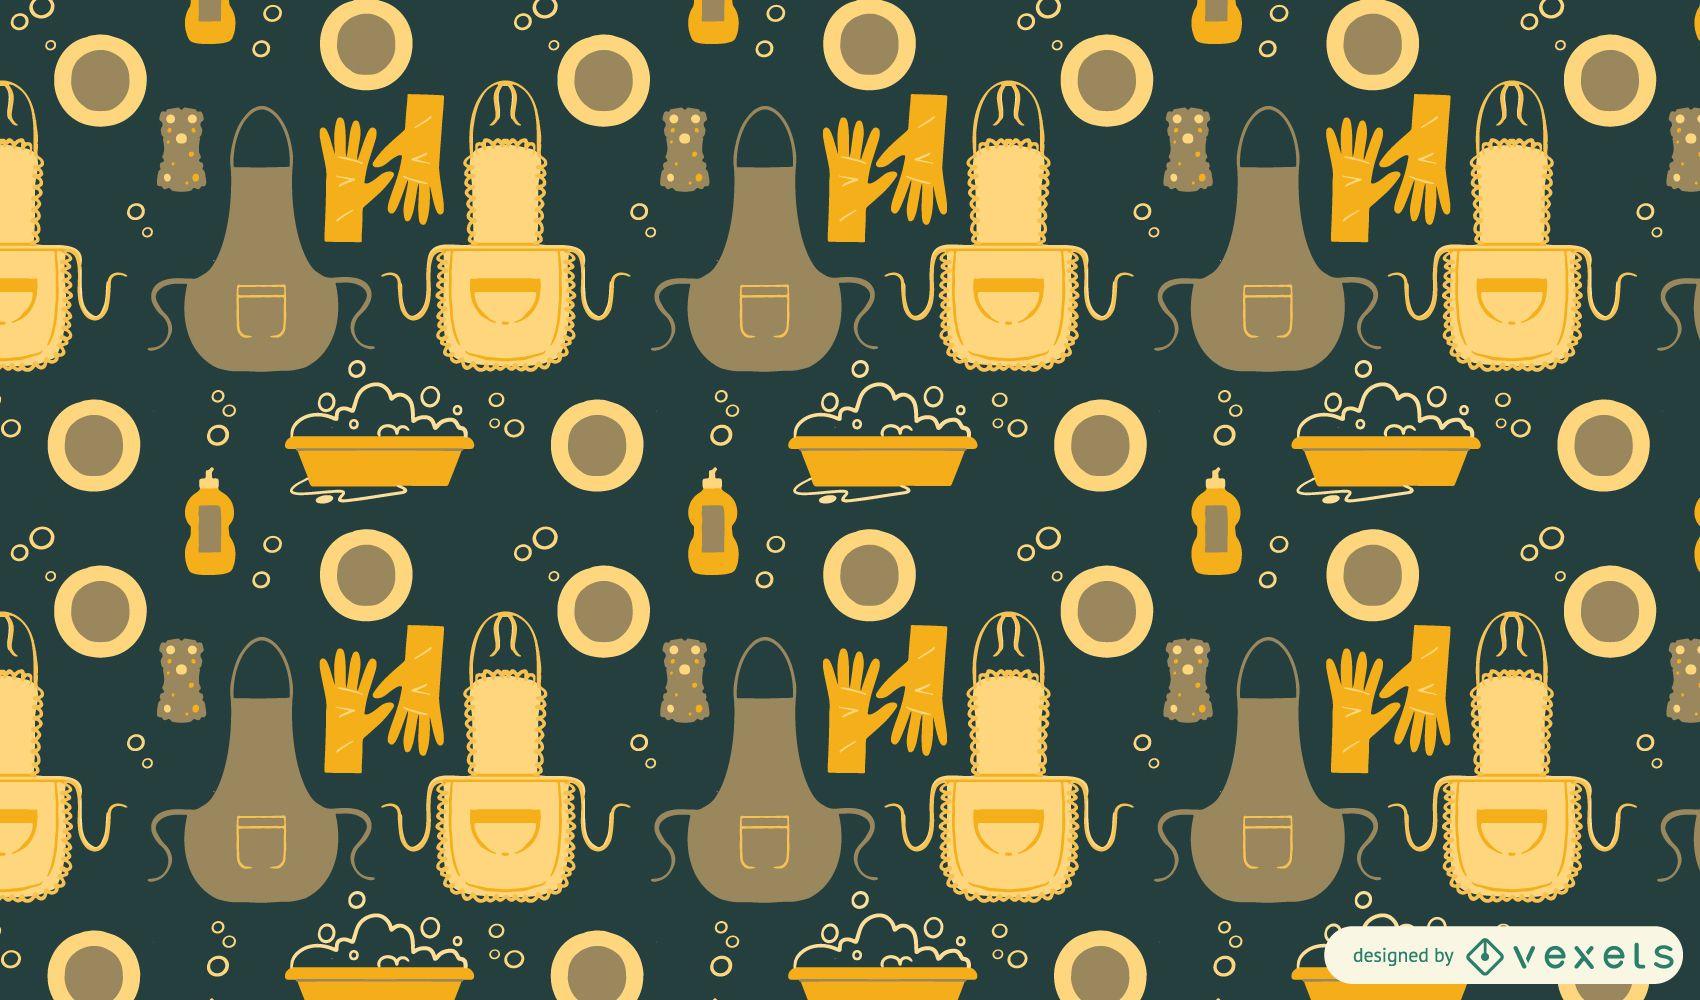 Washing dishes pattern design